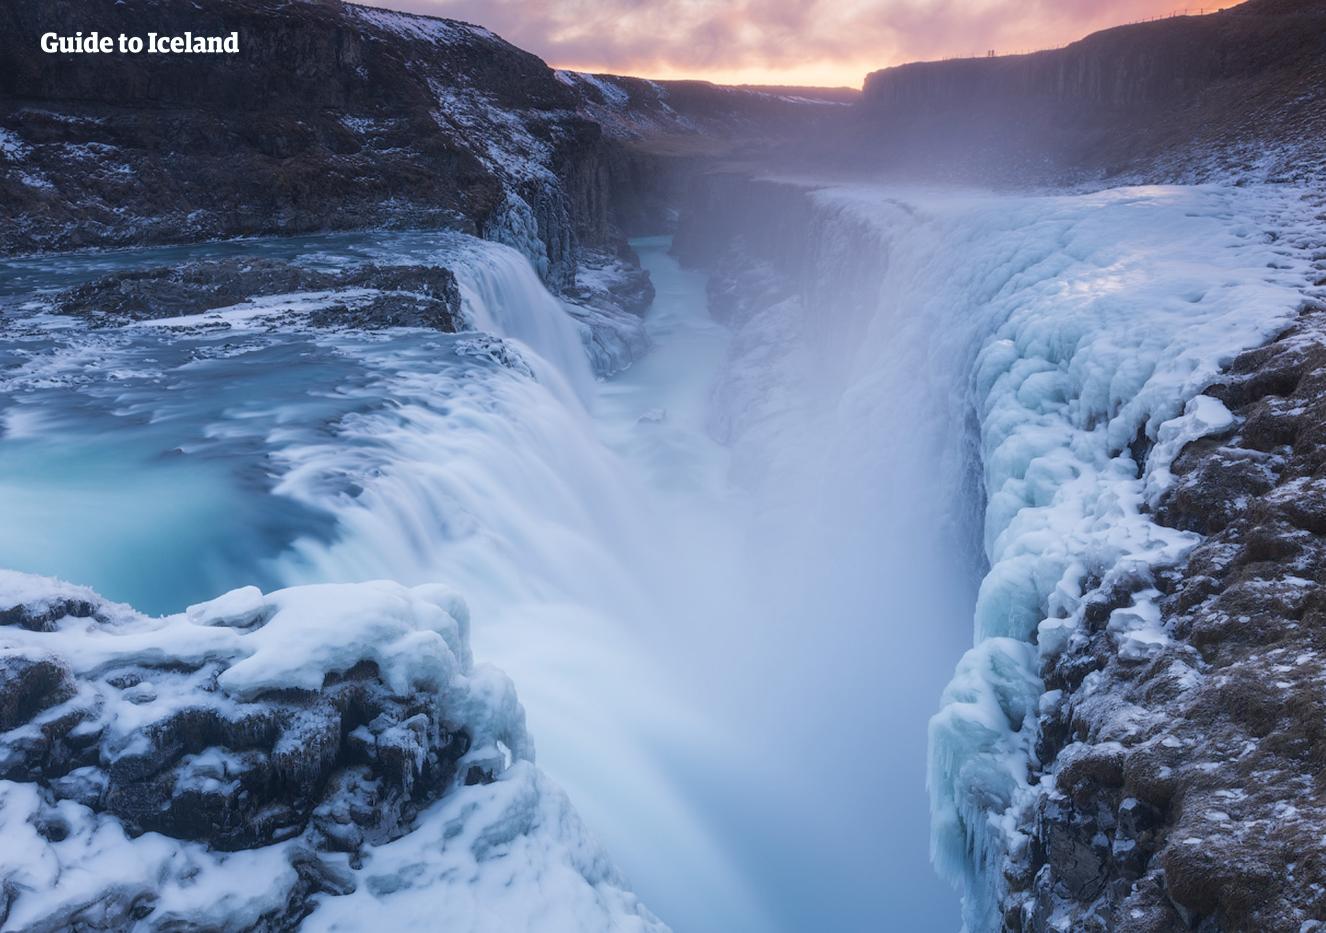 冰岛冬季黄金圈的黄金瀑布(Gullfoss)发源自白河Hvíta即使在冬季也川流不息地落入古老的峡谷